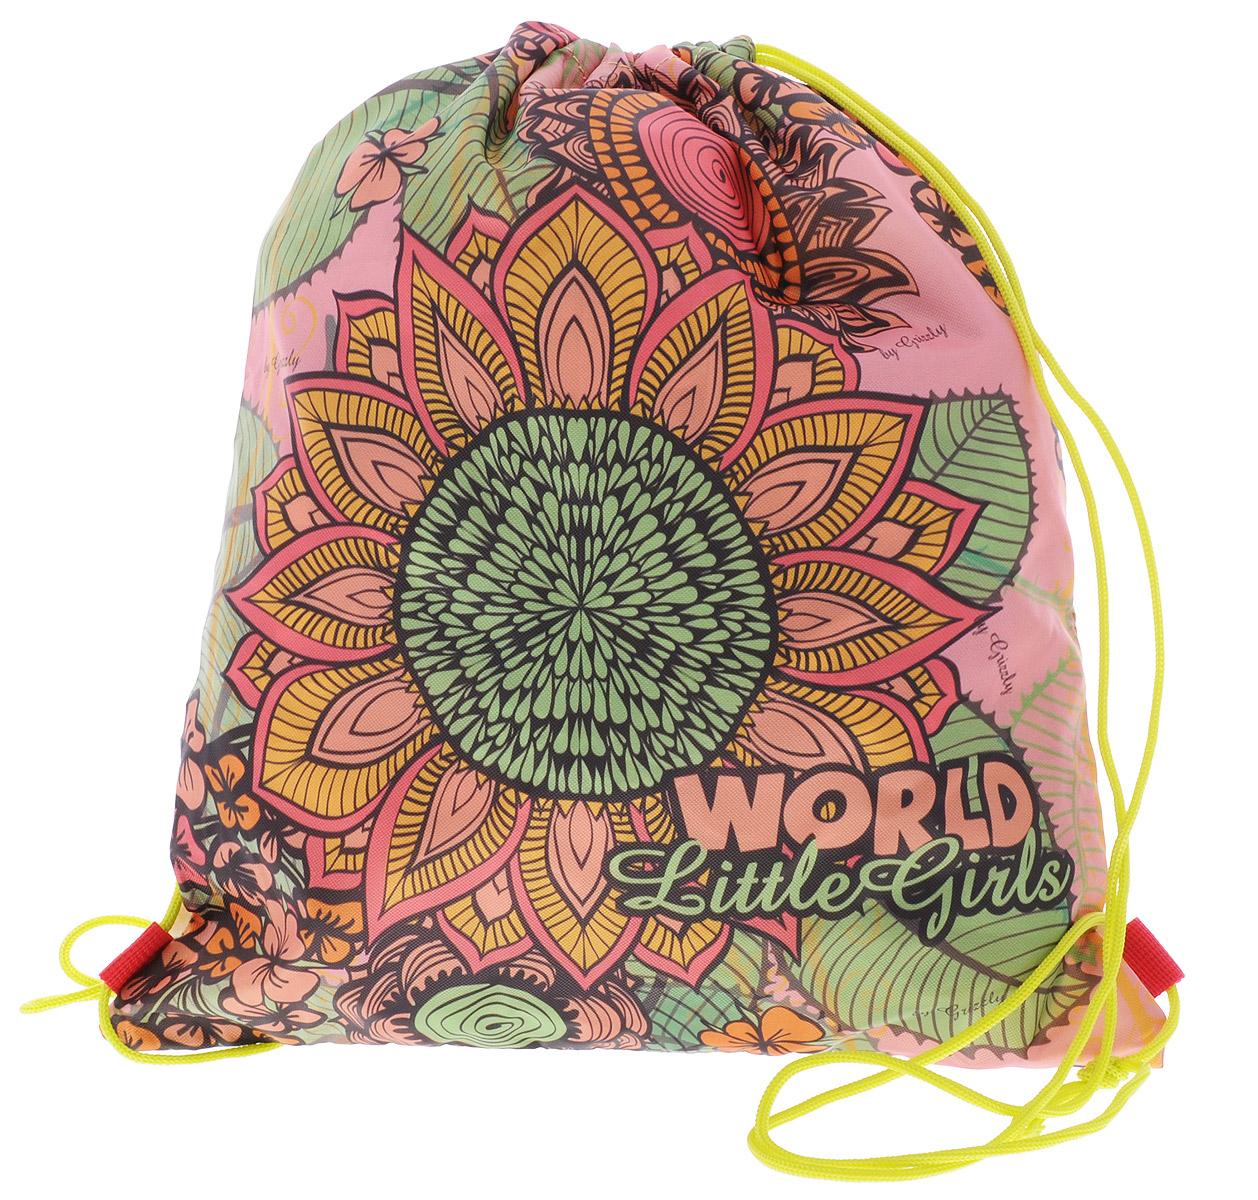 Grizzly Мешок для обуви World Little Girls цвет бежевый розовый зеленый72523WDМешок для обуви Grizzly World Little Girls идеально подойдет как для хранения, так и для переноски сменной обуви и одежды.Мешок изготовлен из ткани Оксфорд с водоотталкивающей пропиткой и содержит одно вместительное отделение, затягивающееся с помощью текстильных шнурков. Плотная прочная ткань надежно защитит сменную обувь и одежду школьника от непогоды, а удобные шнурки позволят носить мешок, как в руках, так и за спиной.Ваш ребенок с радостью будет ходить с таким аксессуаром в школу!Уход: протирать мыльным раствором (без хлора) при температуре не выше 30 градусов.